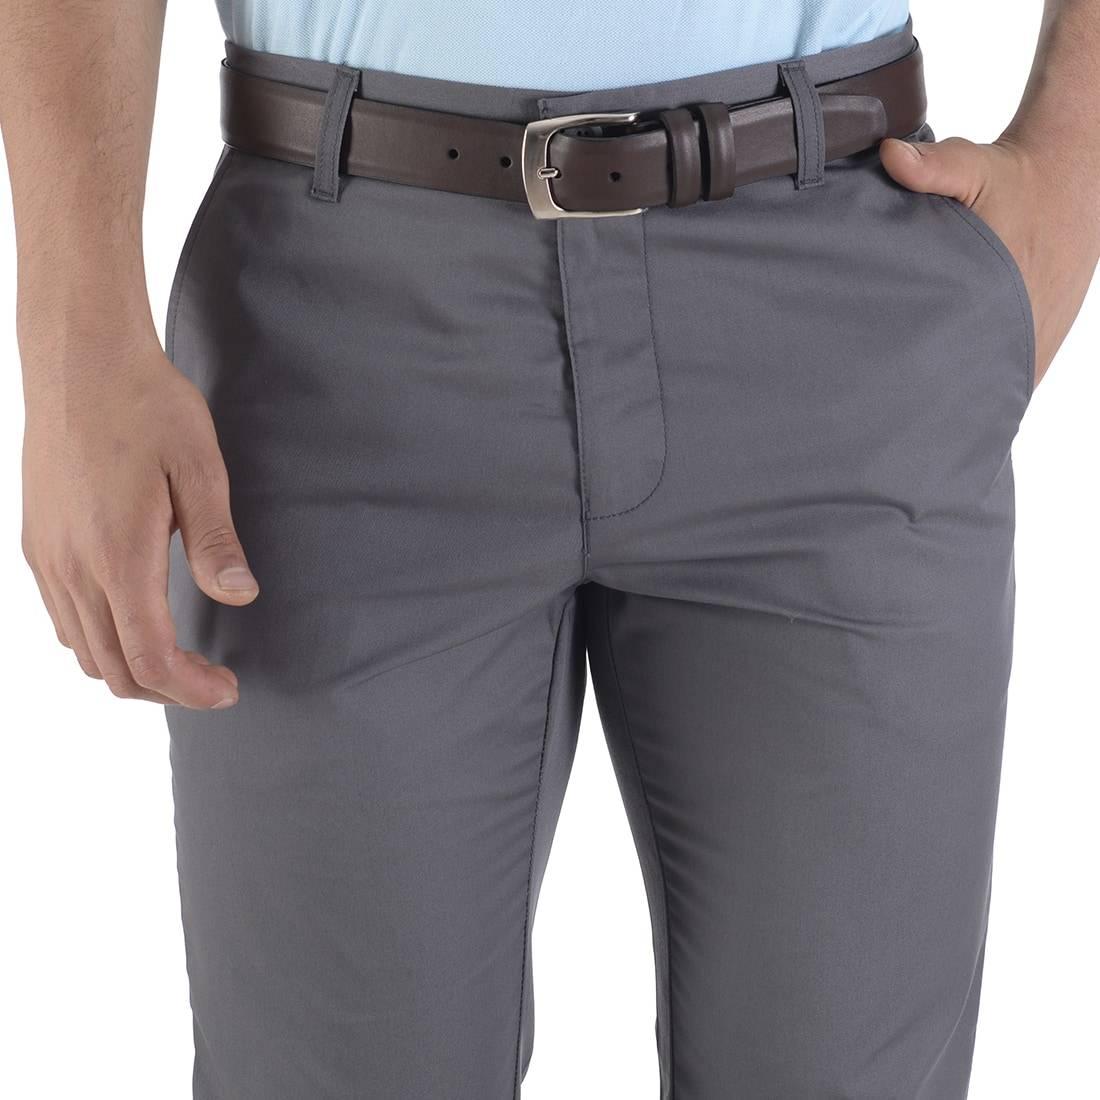 010789055287-03-Pantalon-Casual-Classic-Fit-Verde-yale